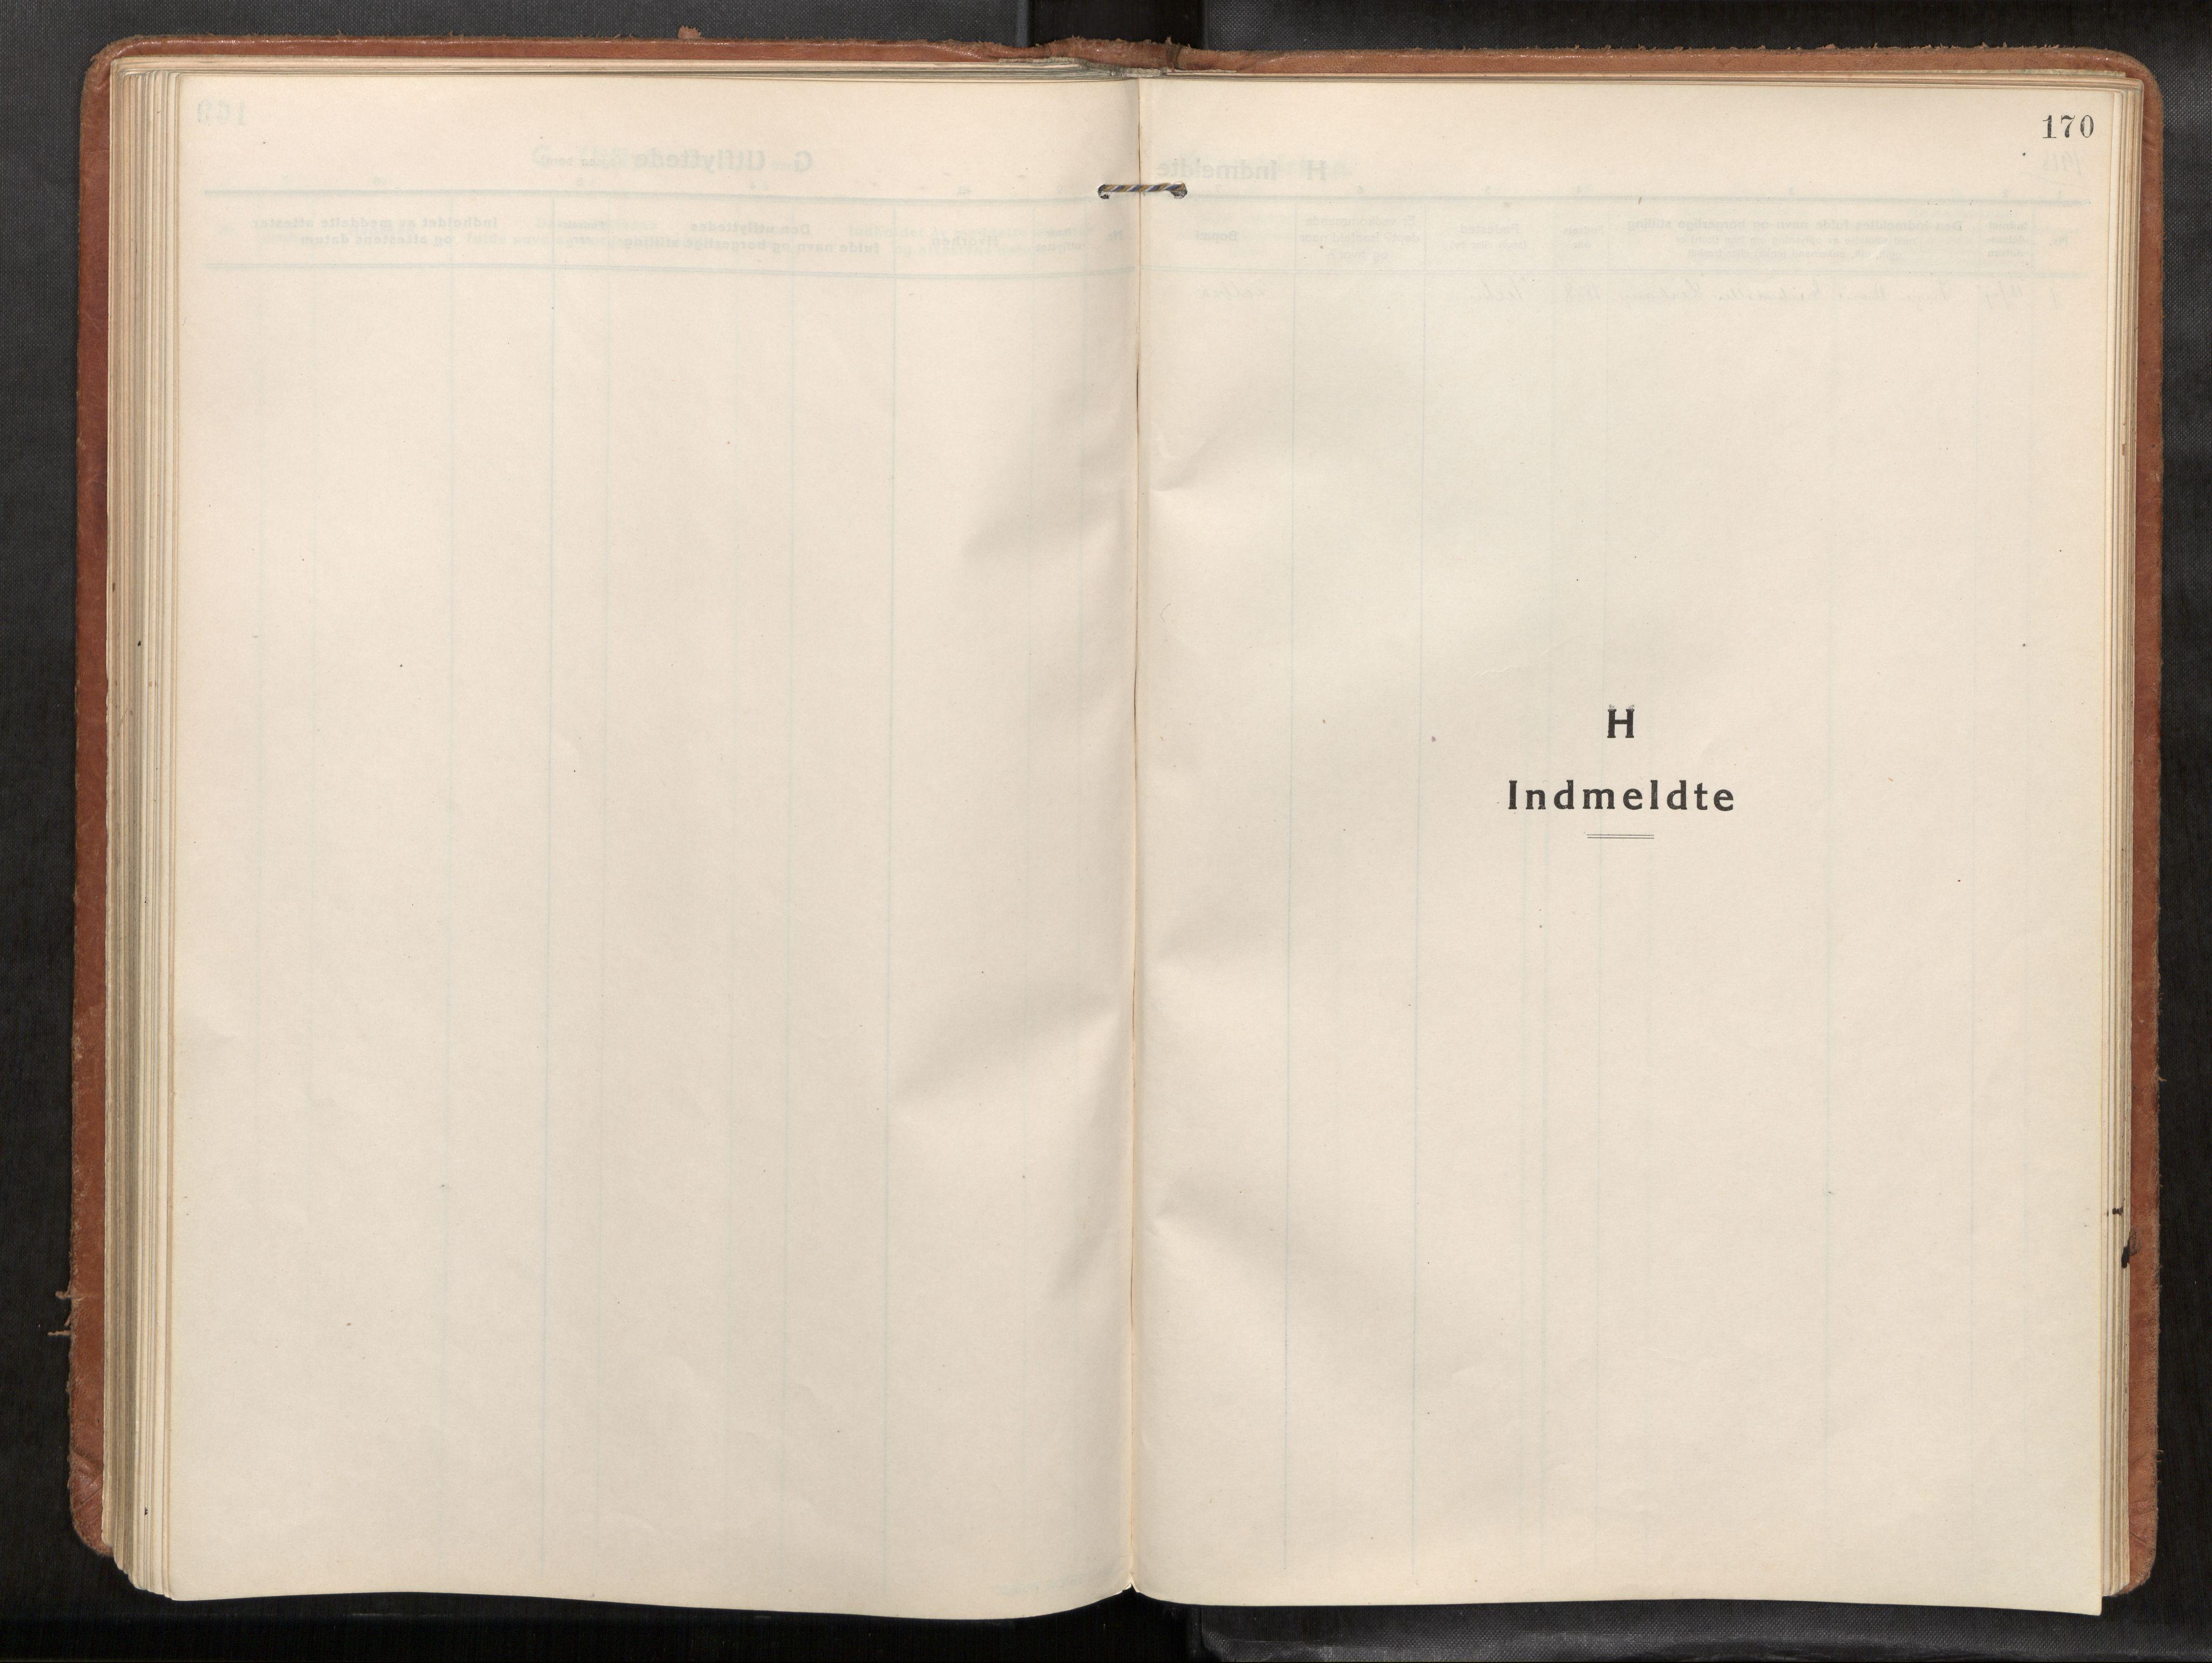 SAT, Verdal sokneprestkontor*, Parish register (official) no. 1, 1916-1928, p. 170